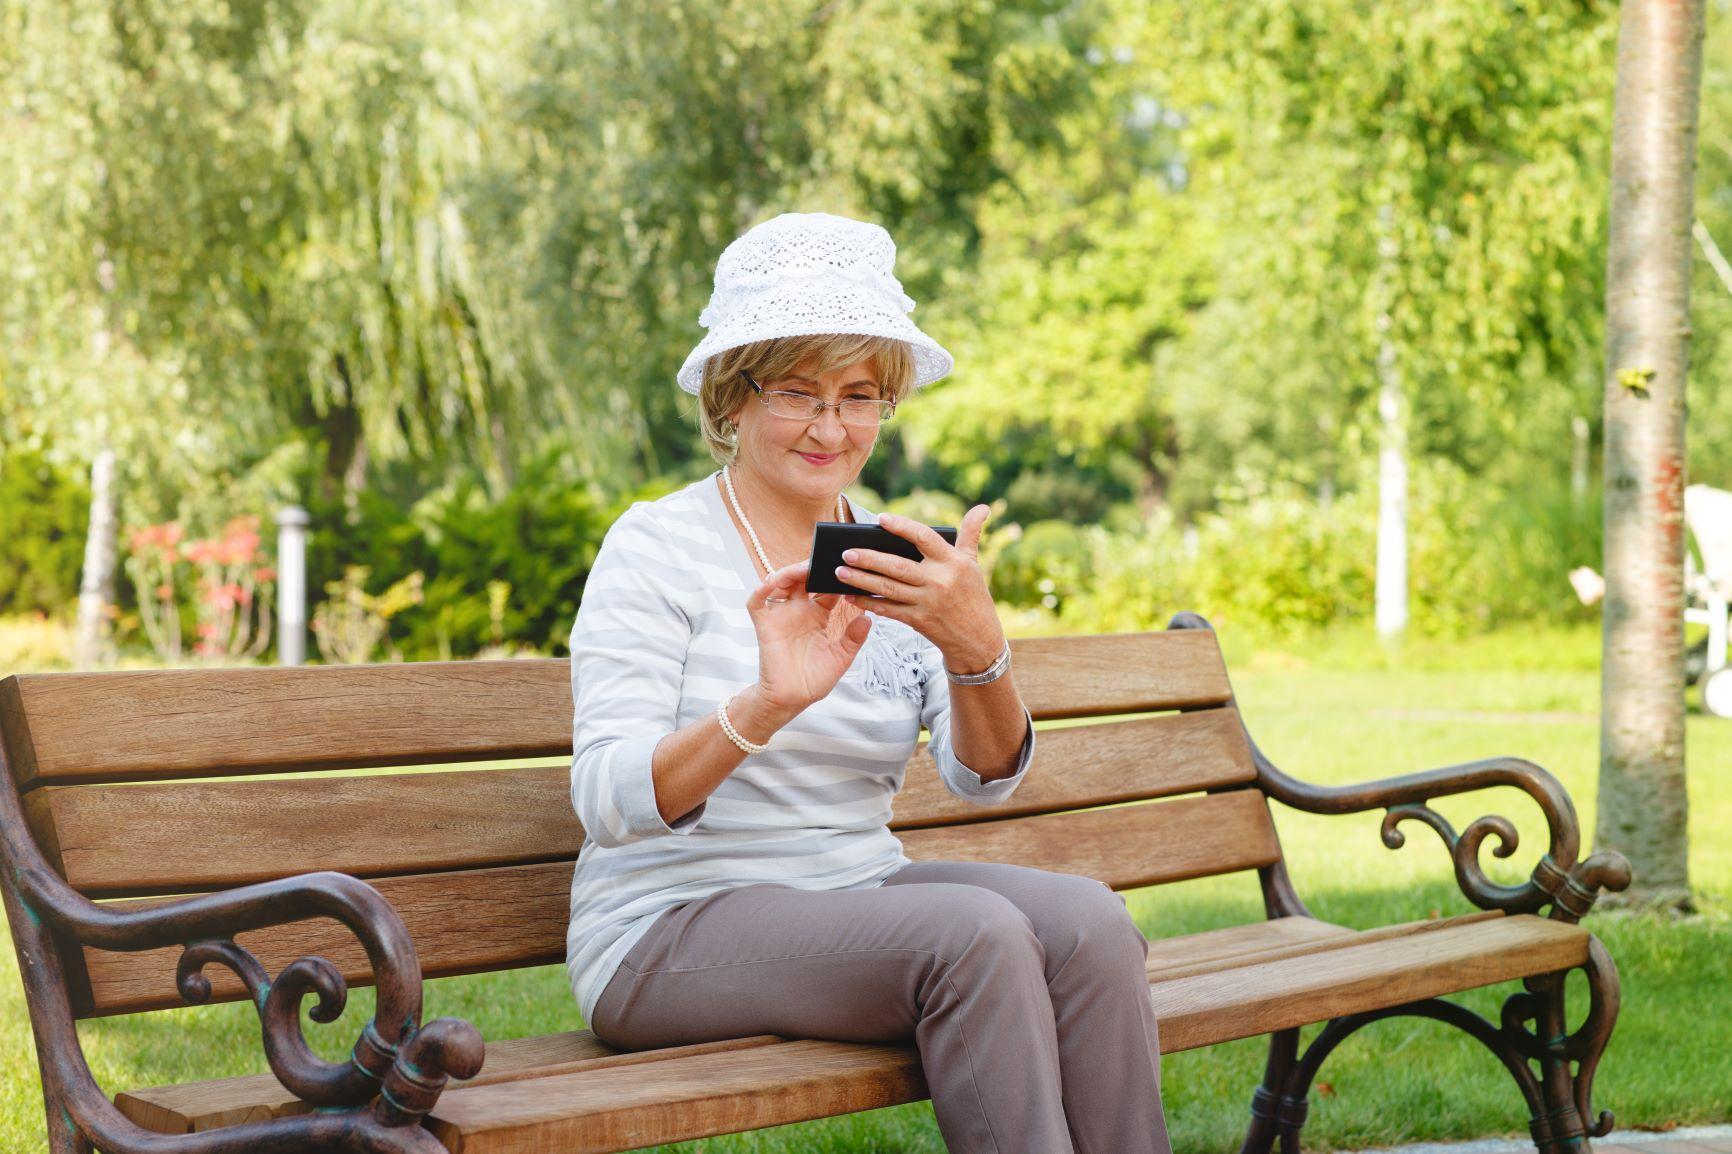 Det er viktig at helse- og velferdspolitiske beslutninger er kunnskapsbaserte. Foto: www.colourbox.no